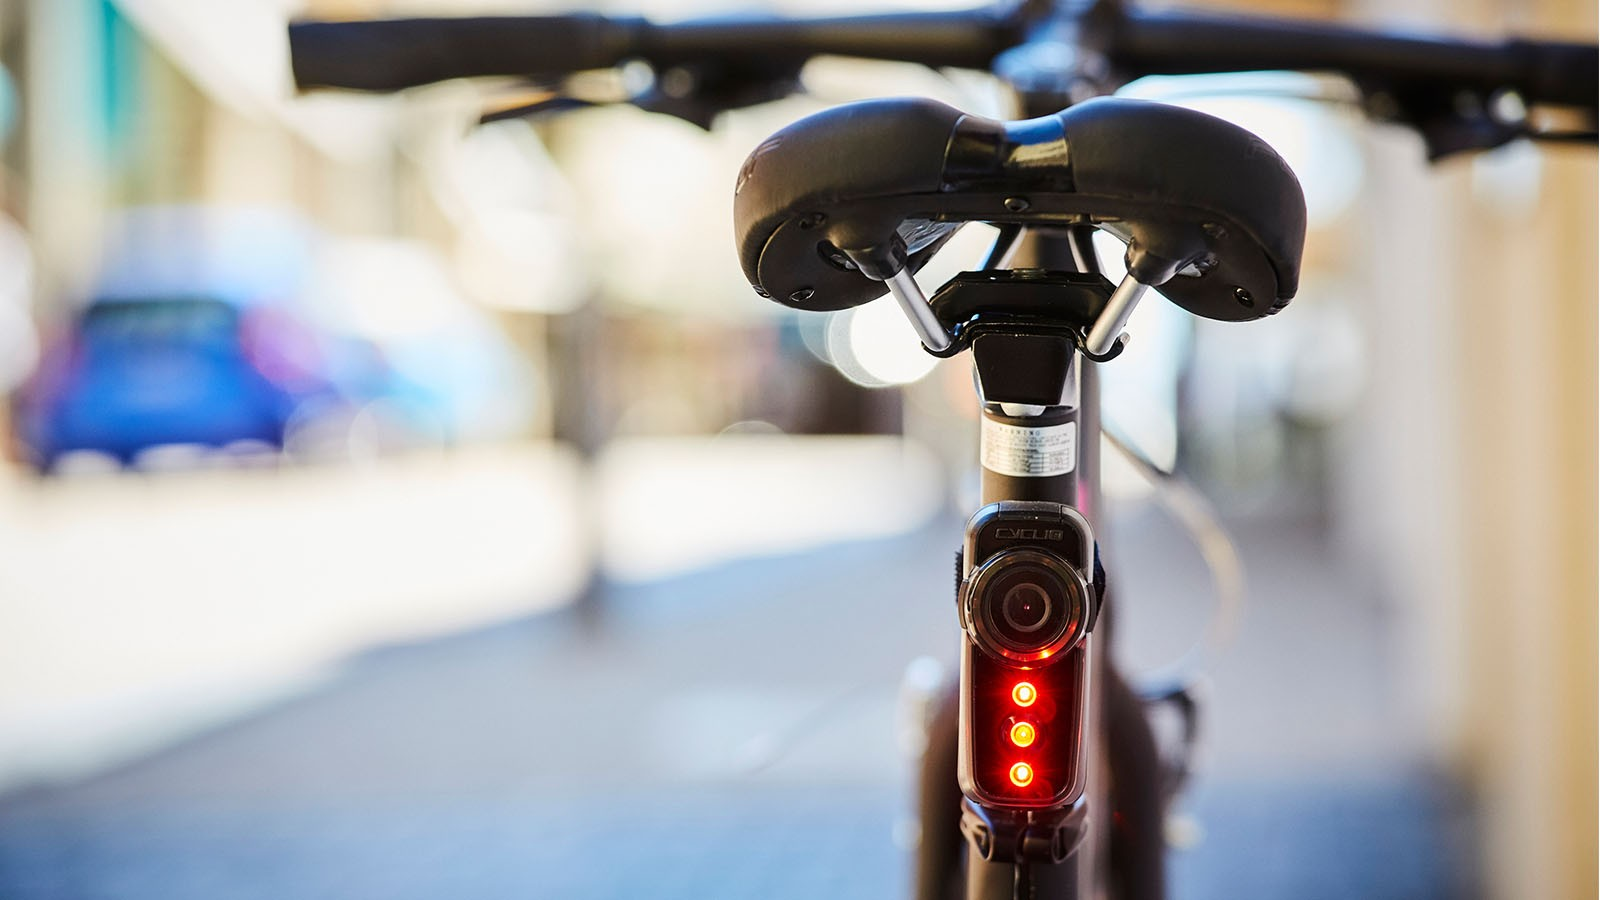 Cycliq has re-upped its camera light combos